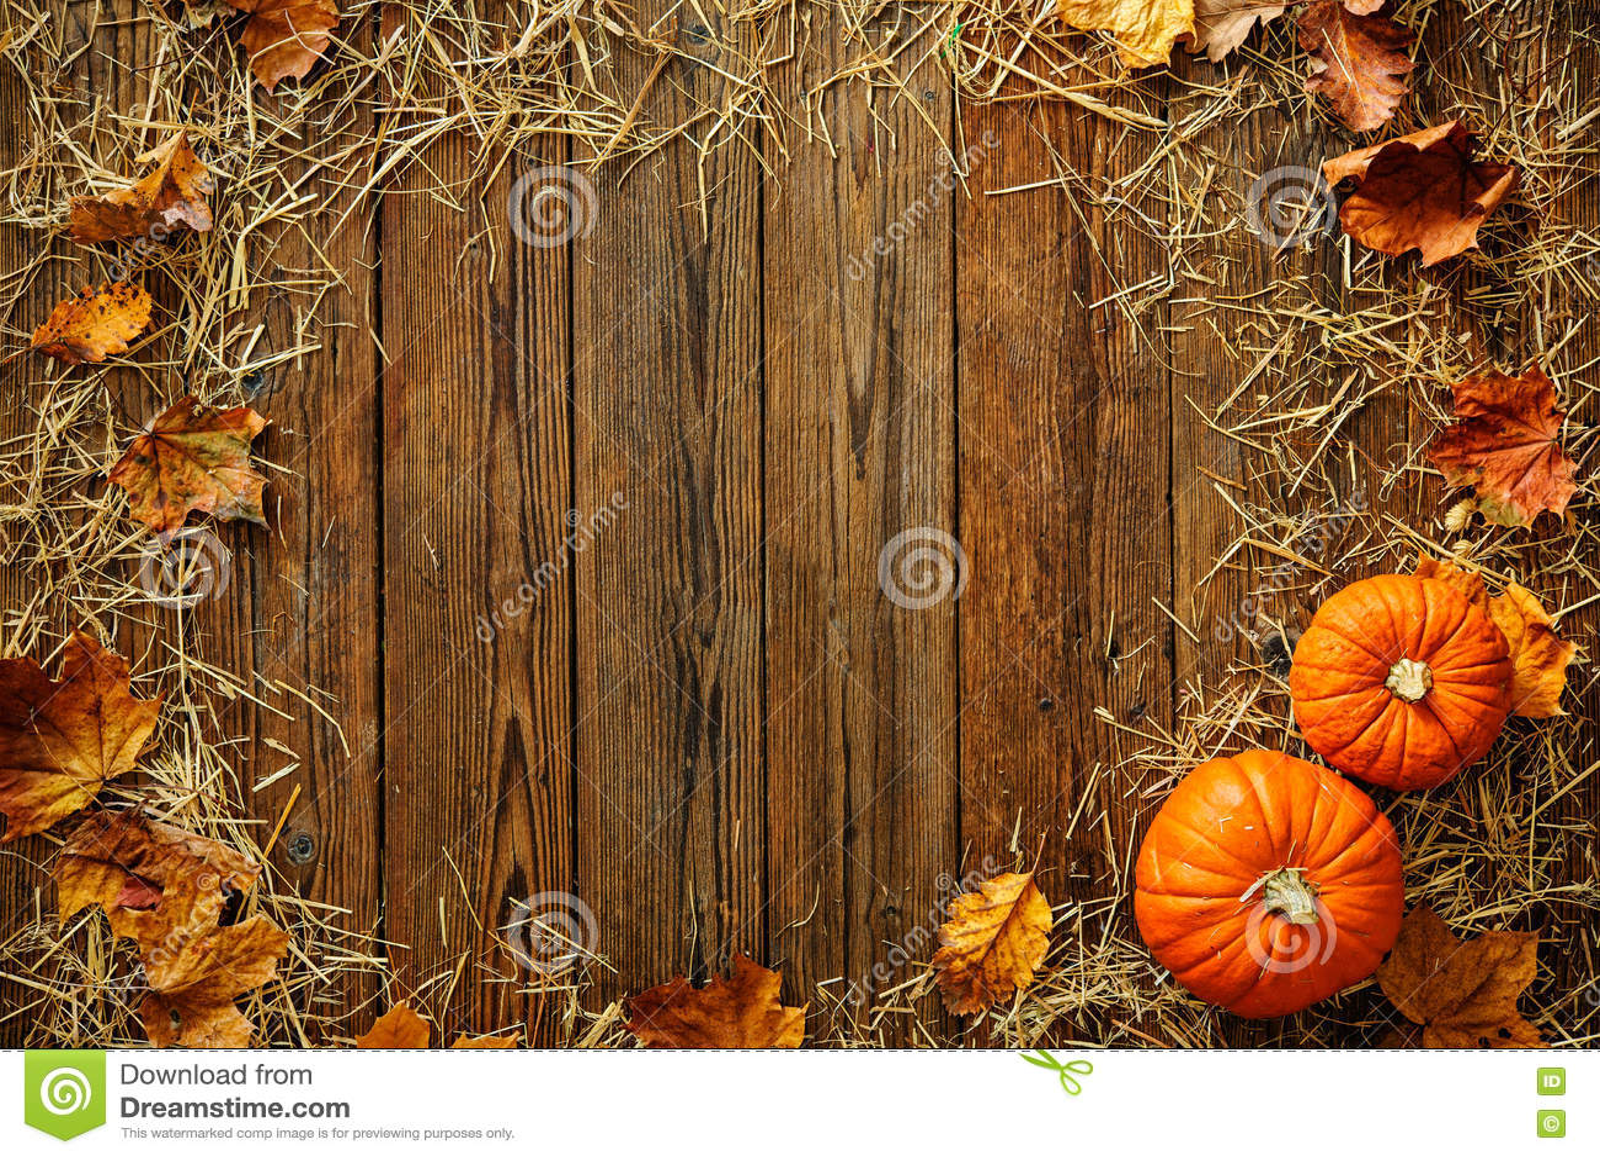 Ernte- oder Danksagungshintergrund mit Kürbissen und Stroh